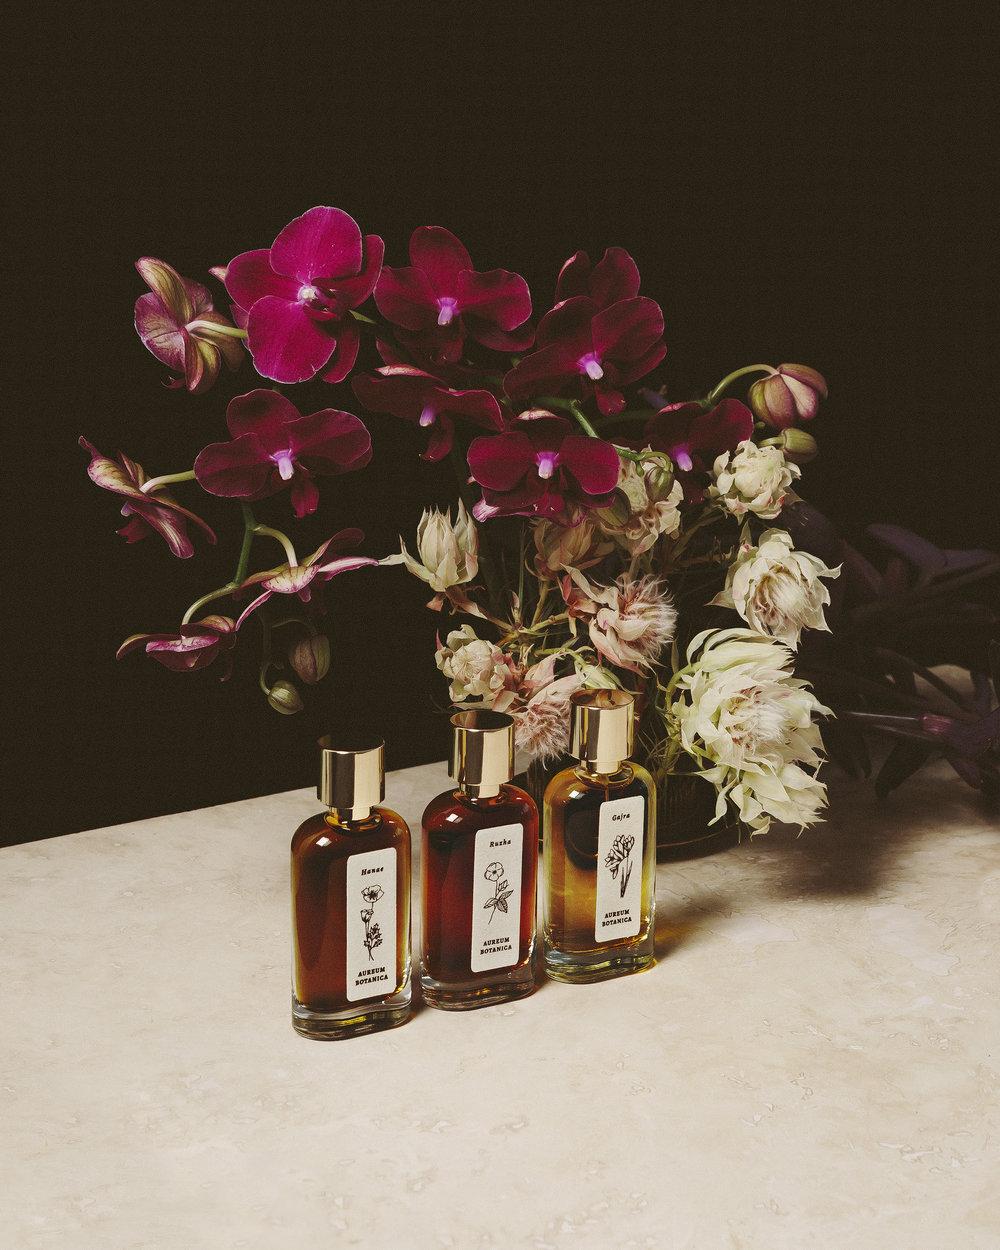 Copy of Aureum Botanica / Capsule Parfumerie